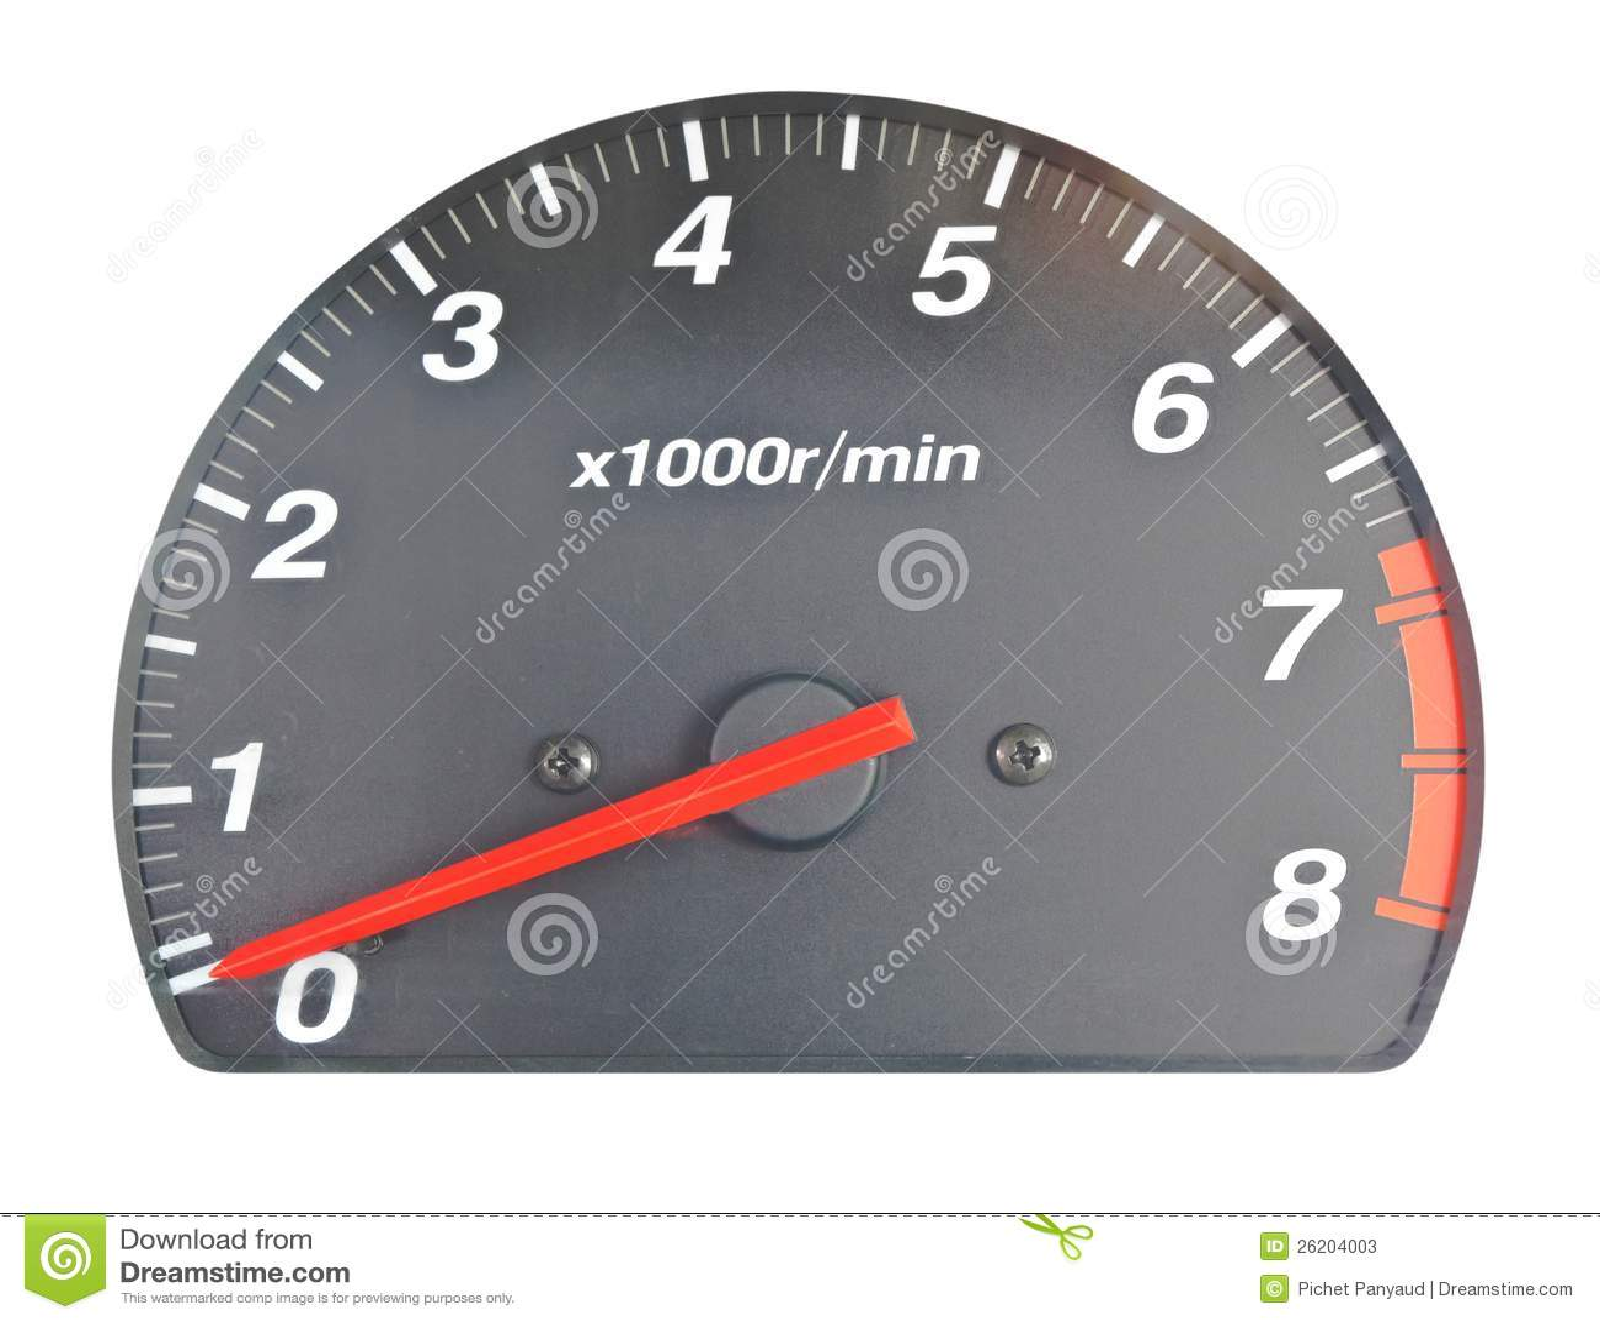 Scale av motorhastighet